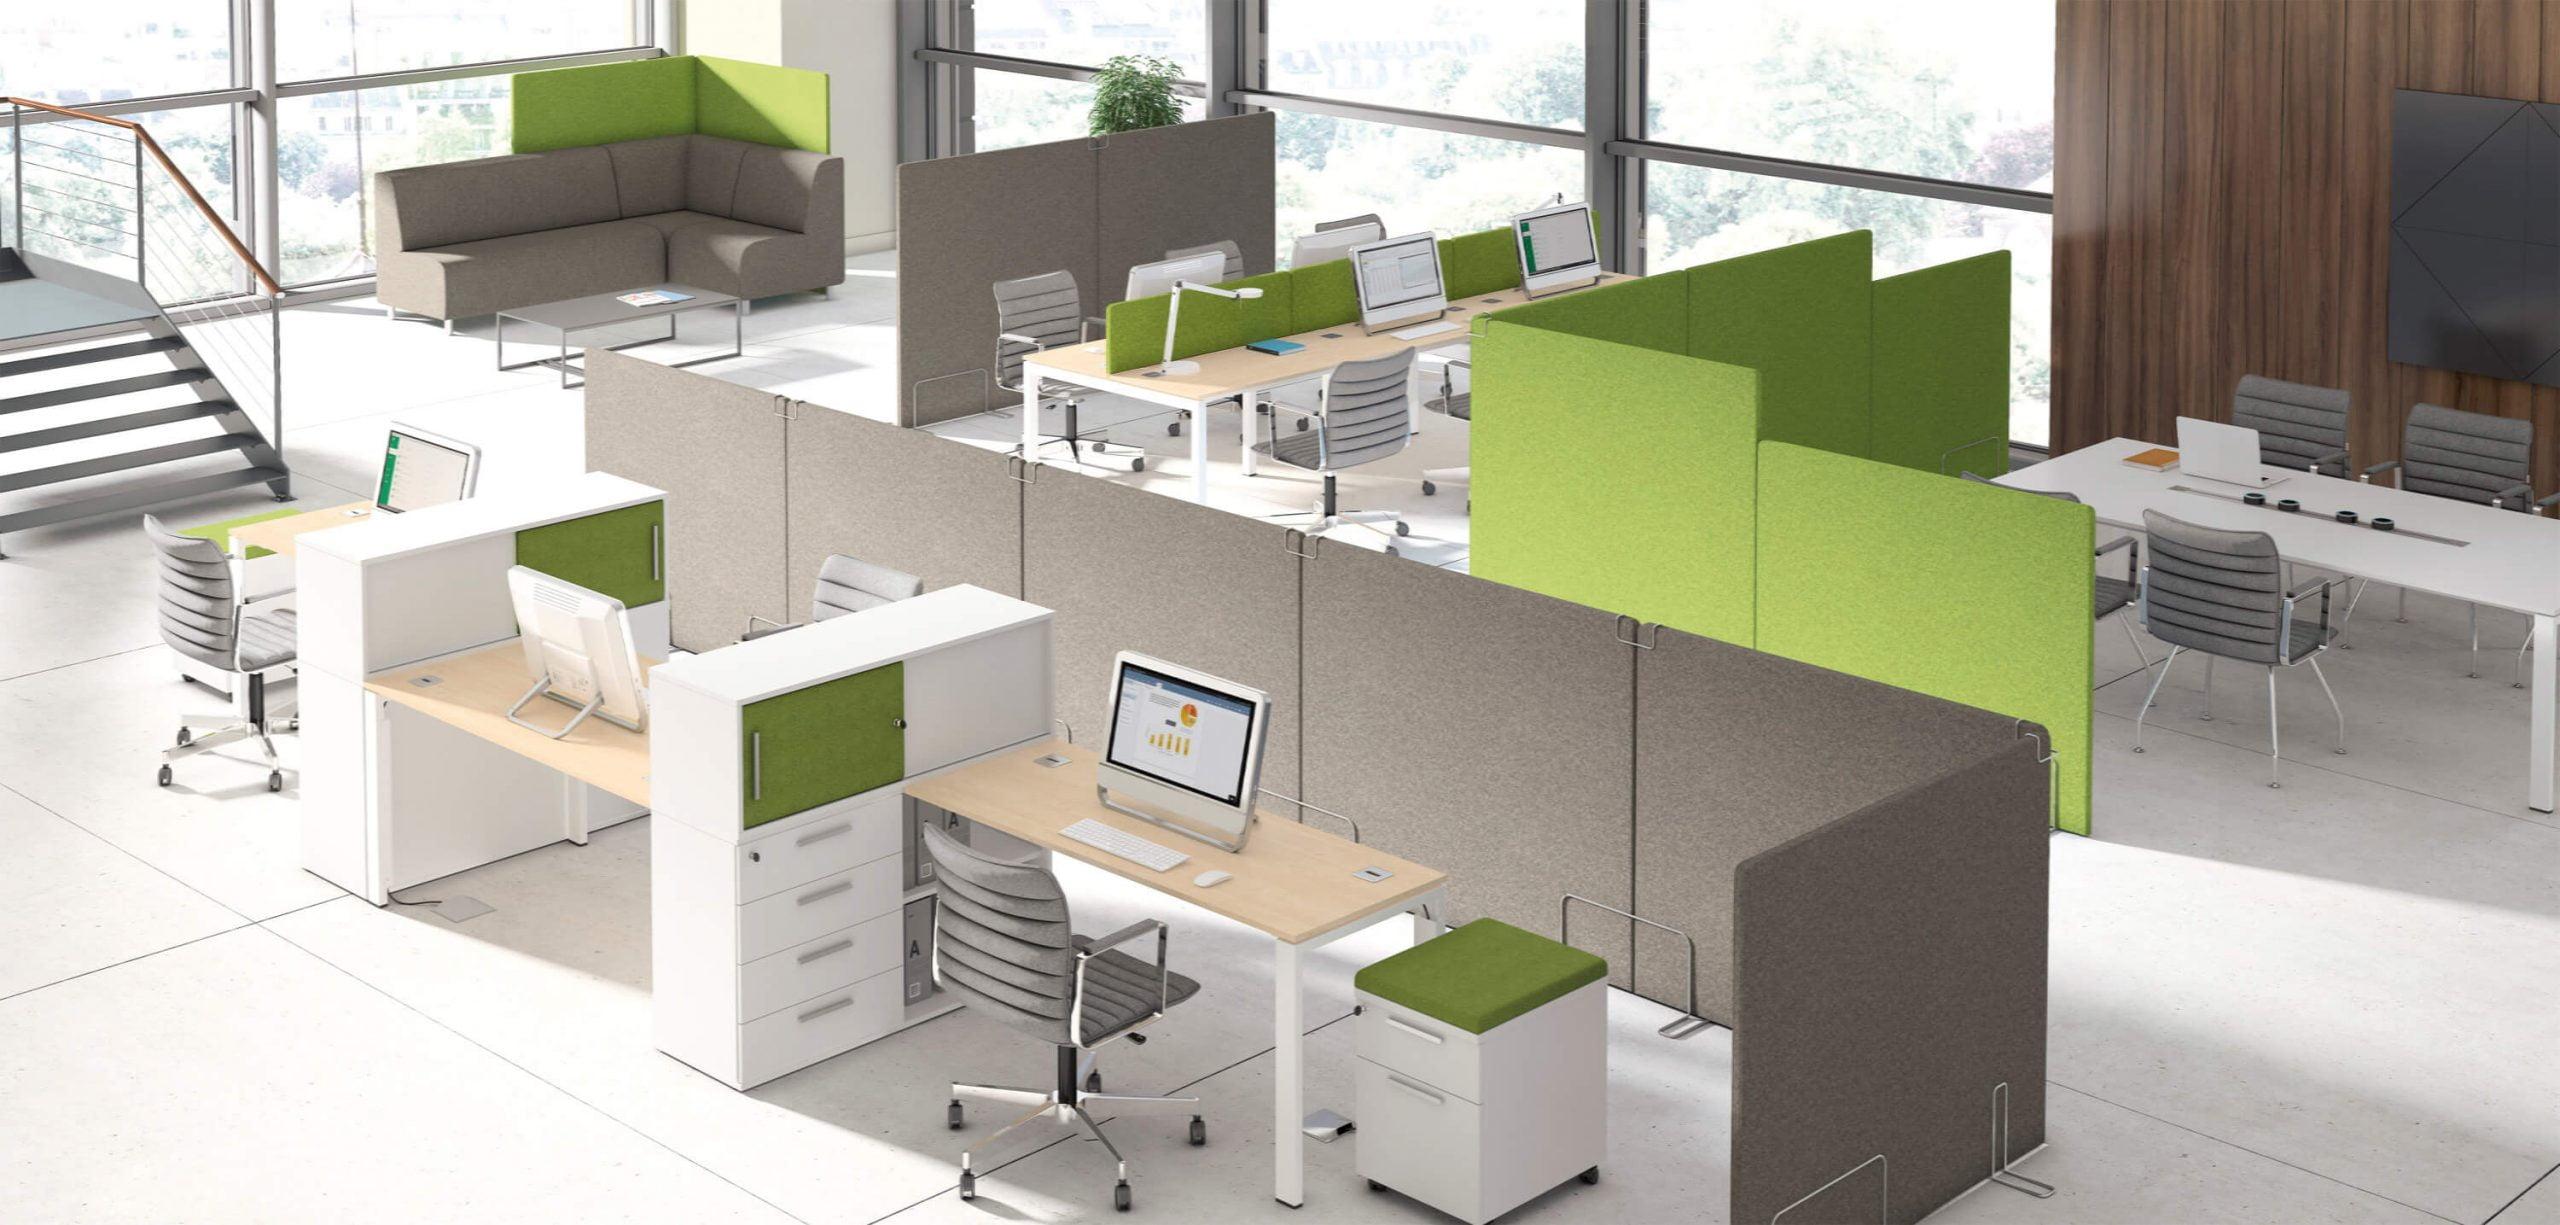 zielone akustyczne ścianki działowe w biurze